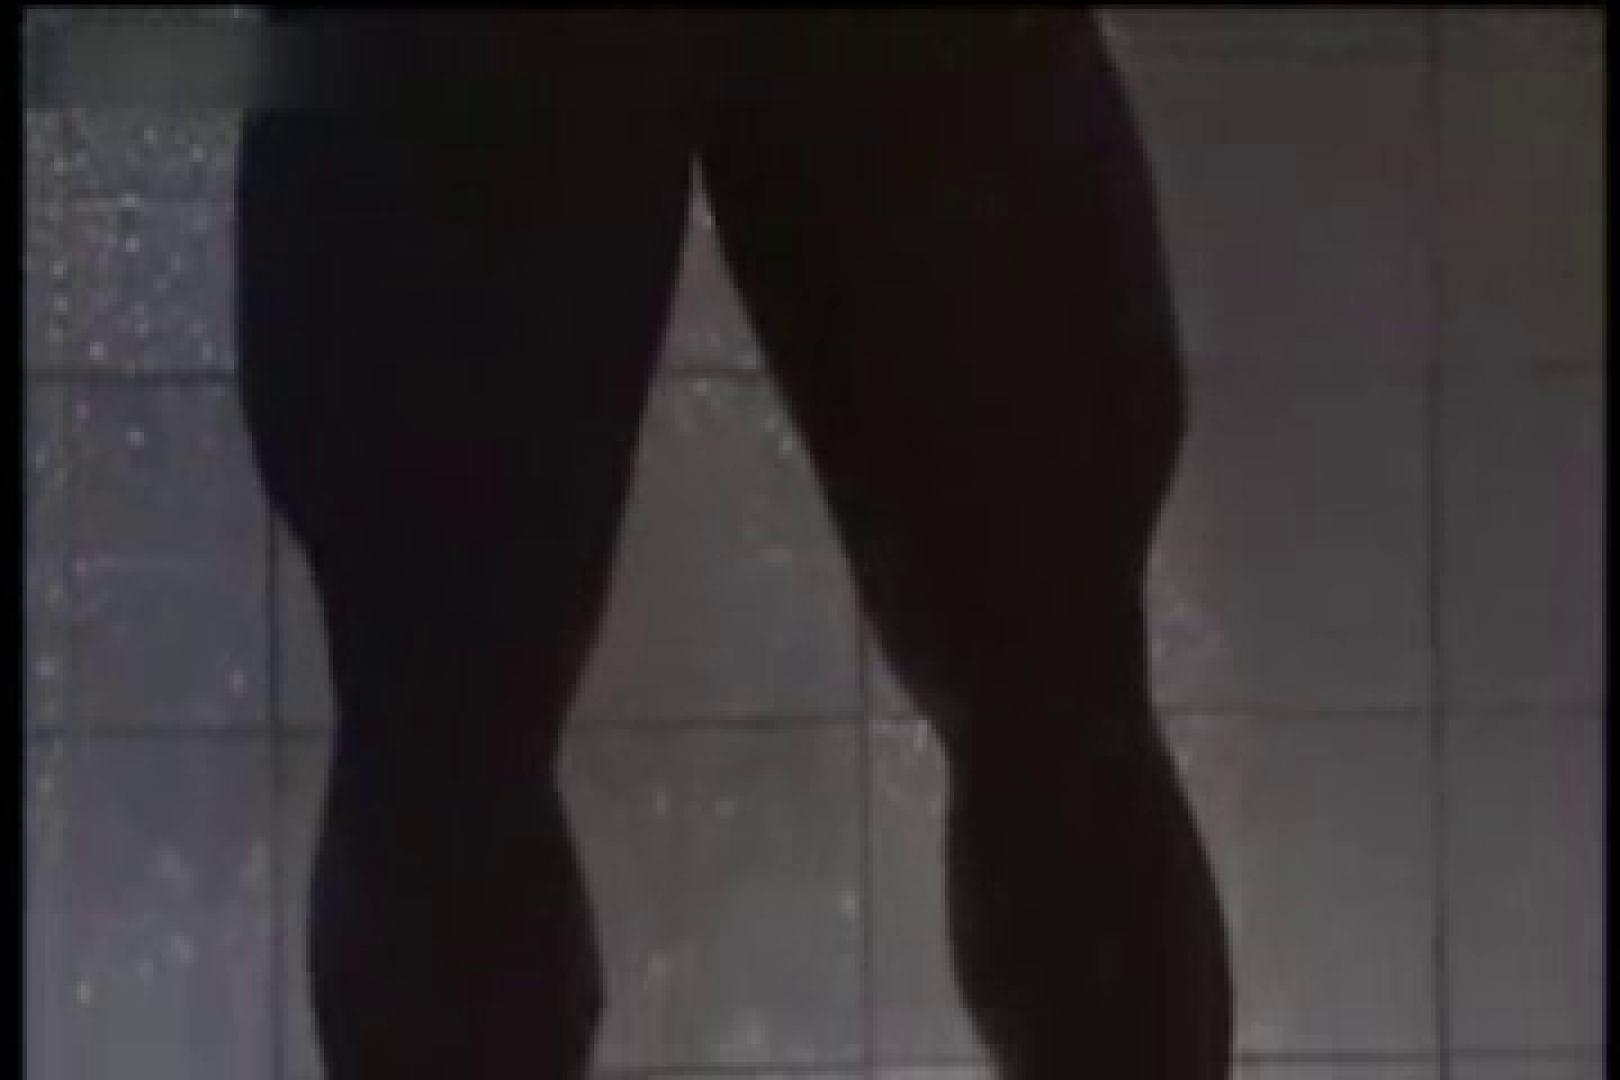 中出有名ゲイ雑誌★魅力●生★付録DVD収録スーパーモデルヌードvol9 ヌード ゲイエロ動画 112枚 30